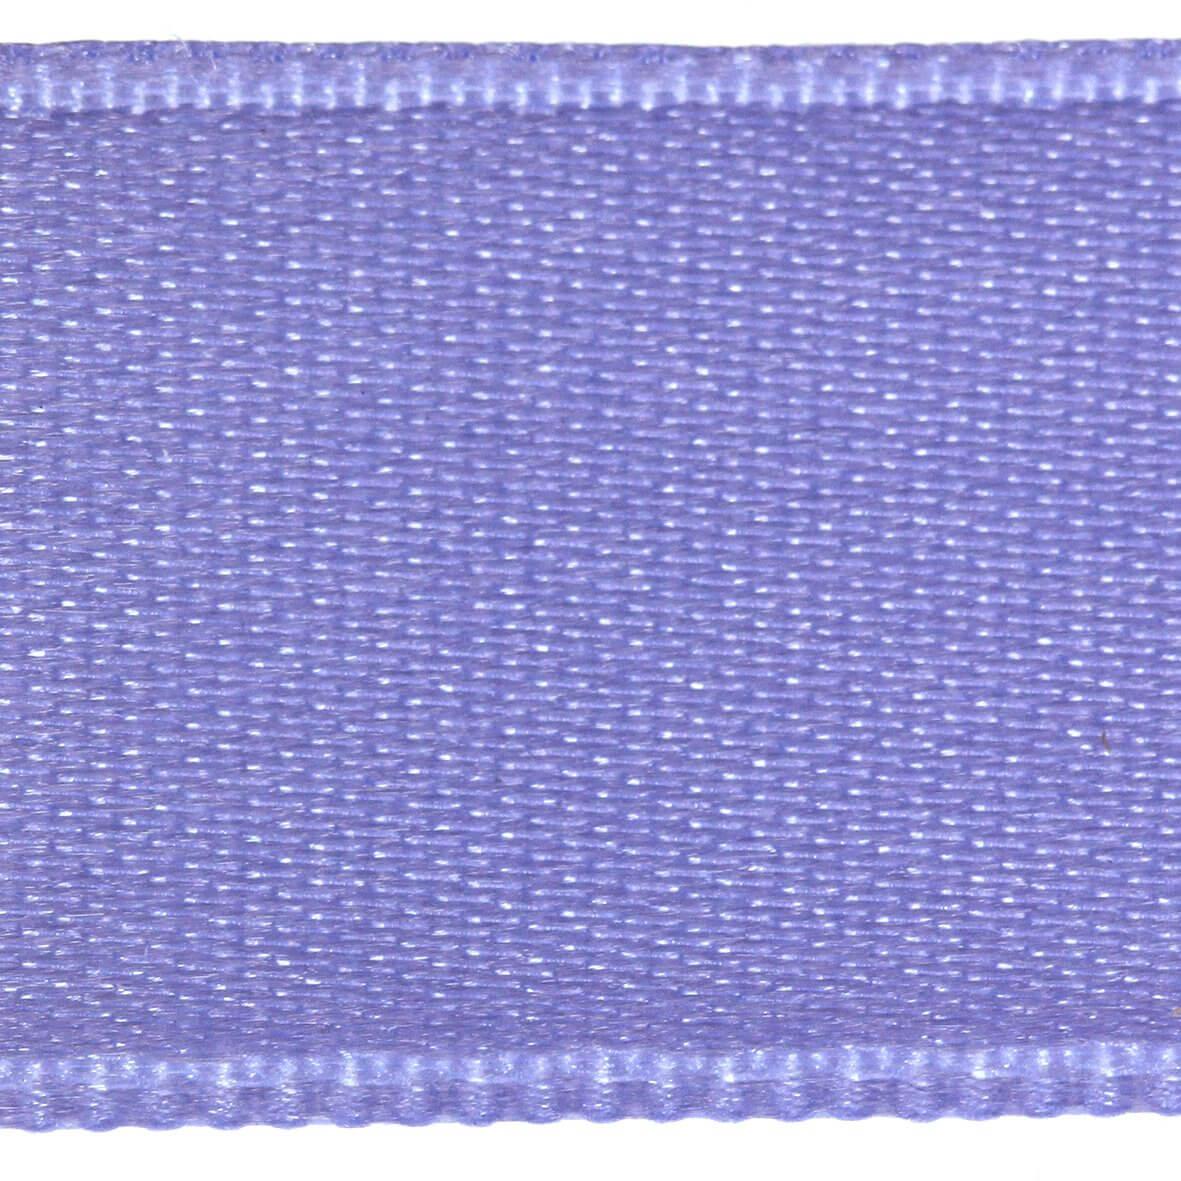 Hyacinth Blue Col. 270 - 25mm Satab Satin Ribbon